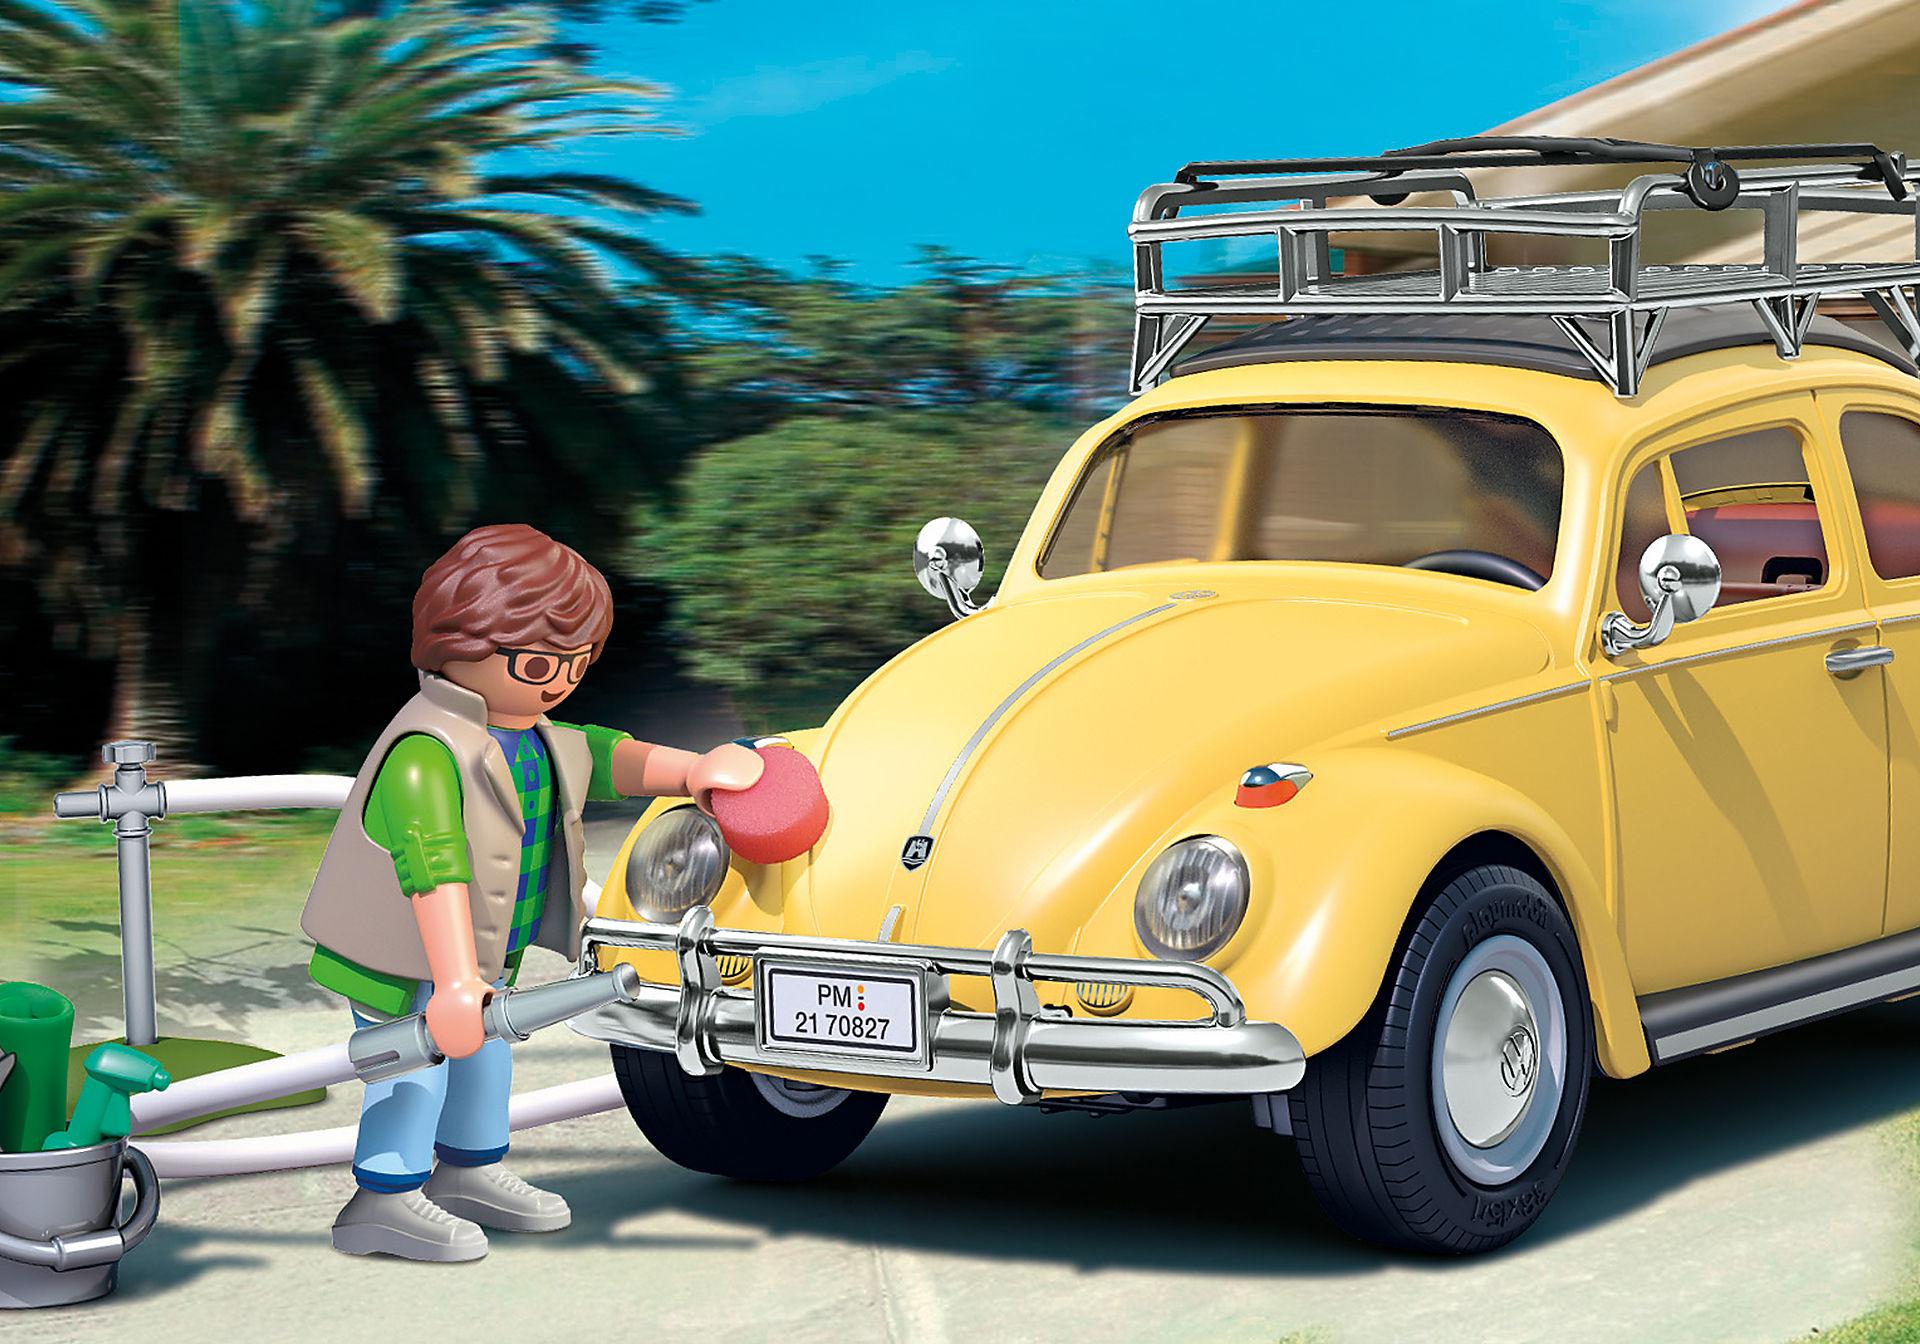 70827 Volkswagen Garbus zoom image7